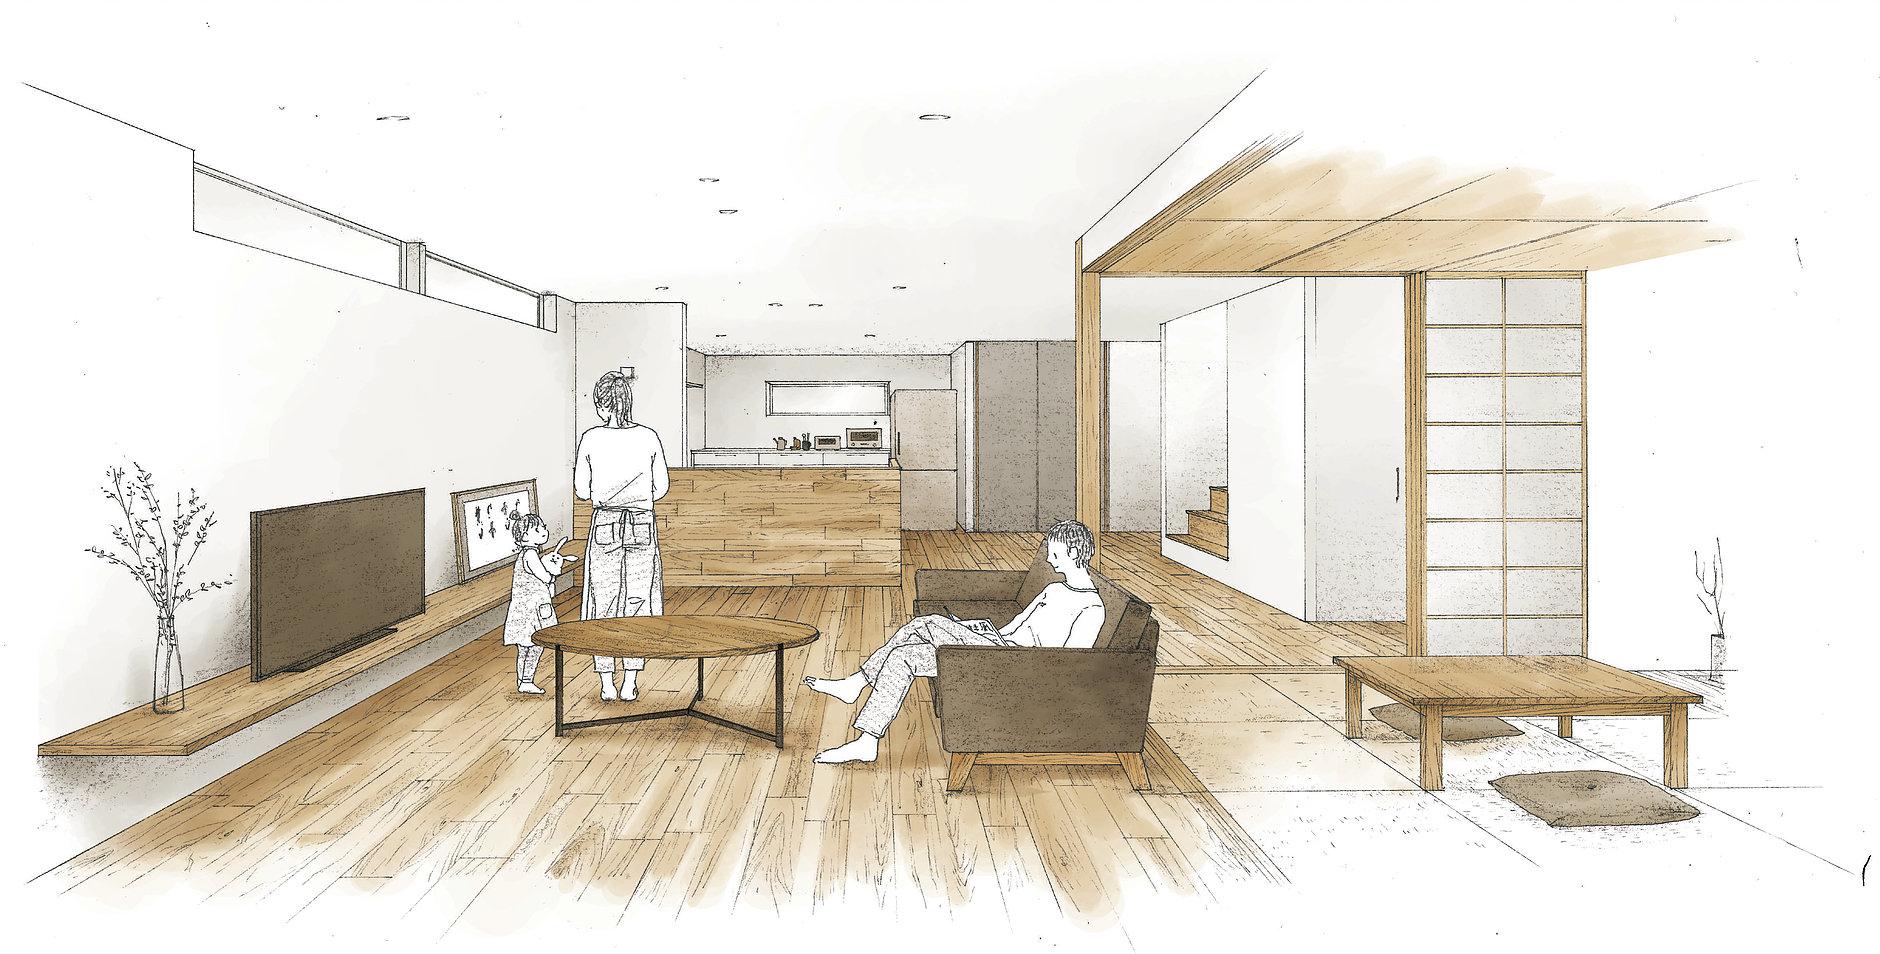 建築 パース イラスト 手描き 玄関を入ると 大工さんが1枚1枚